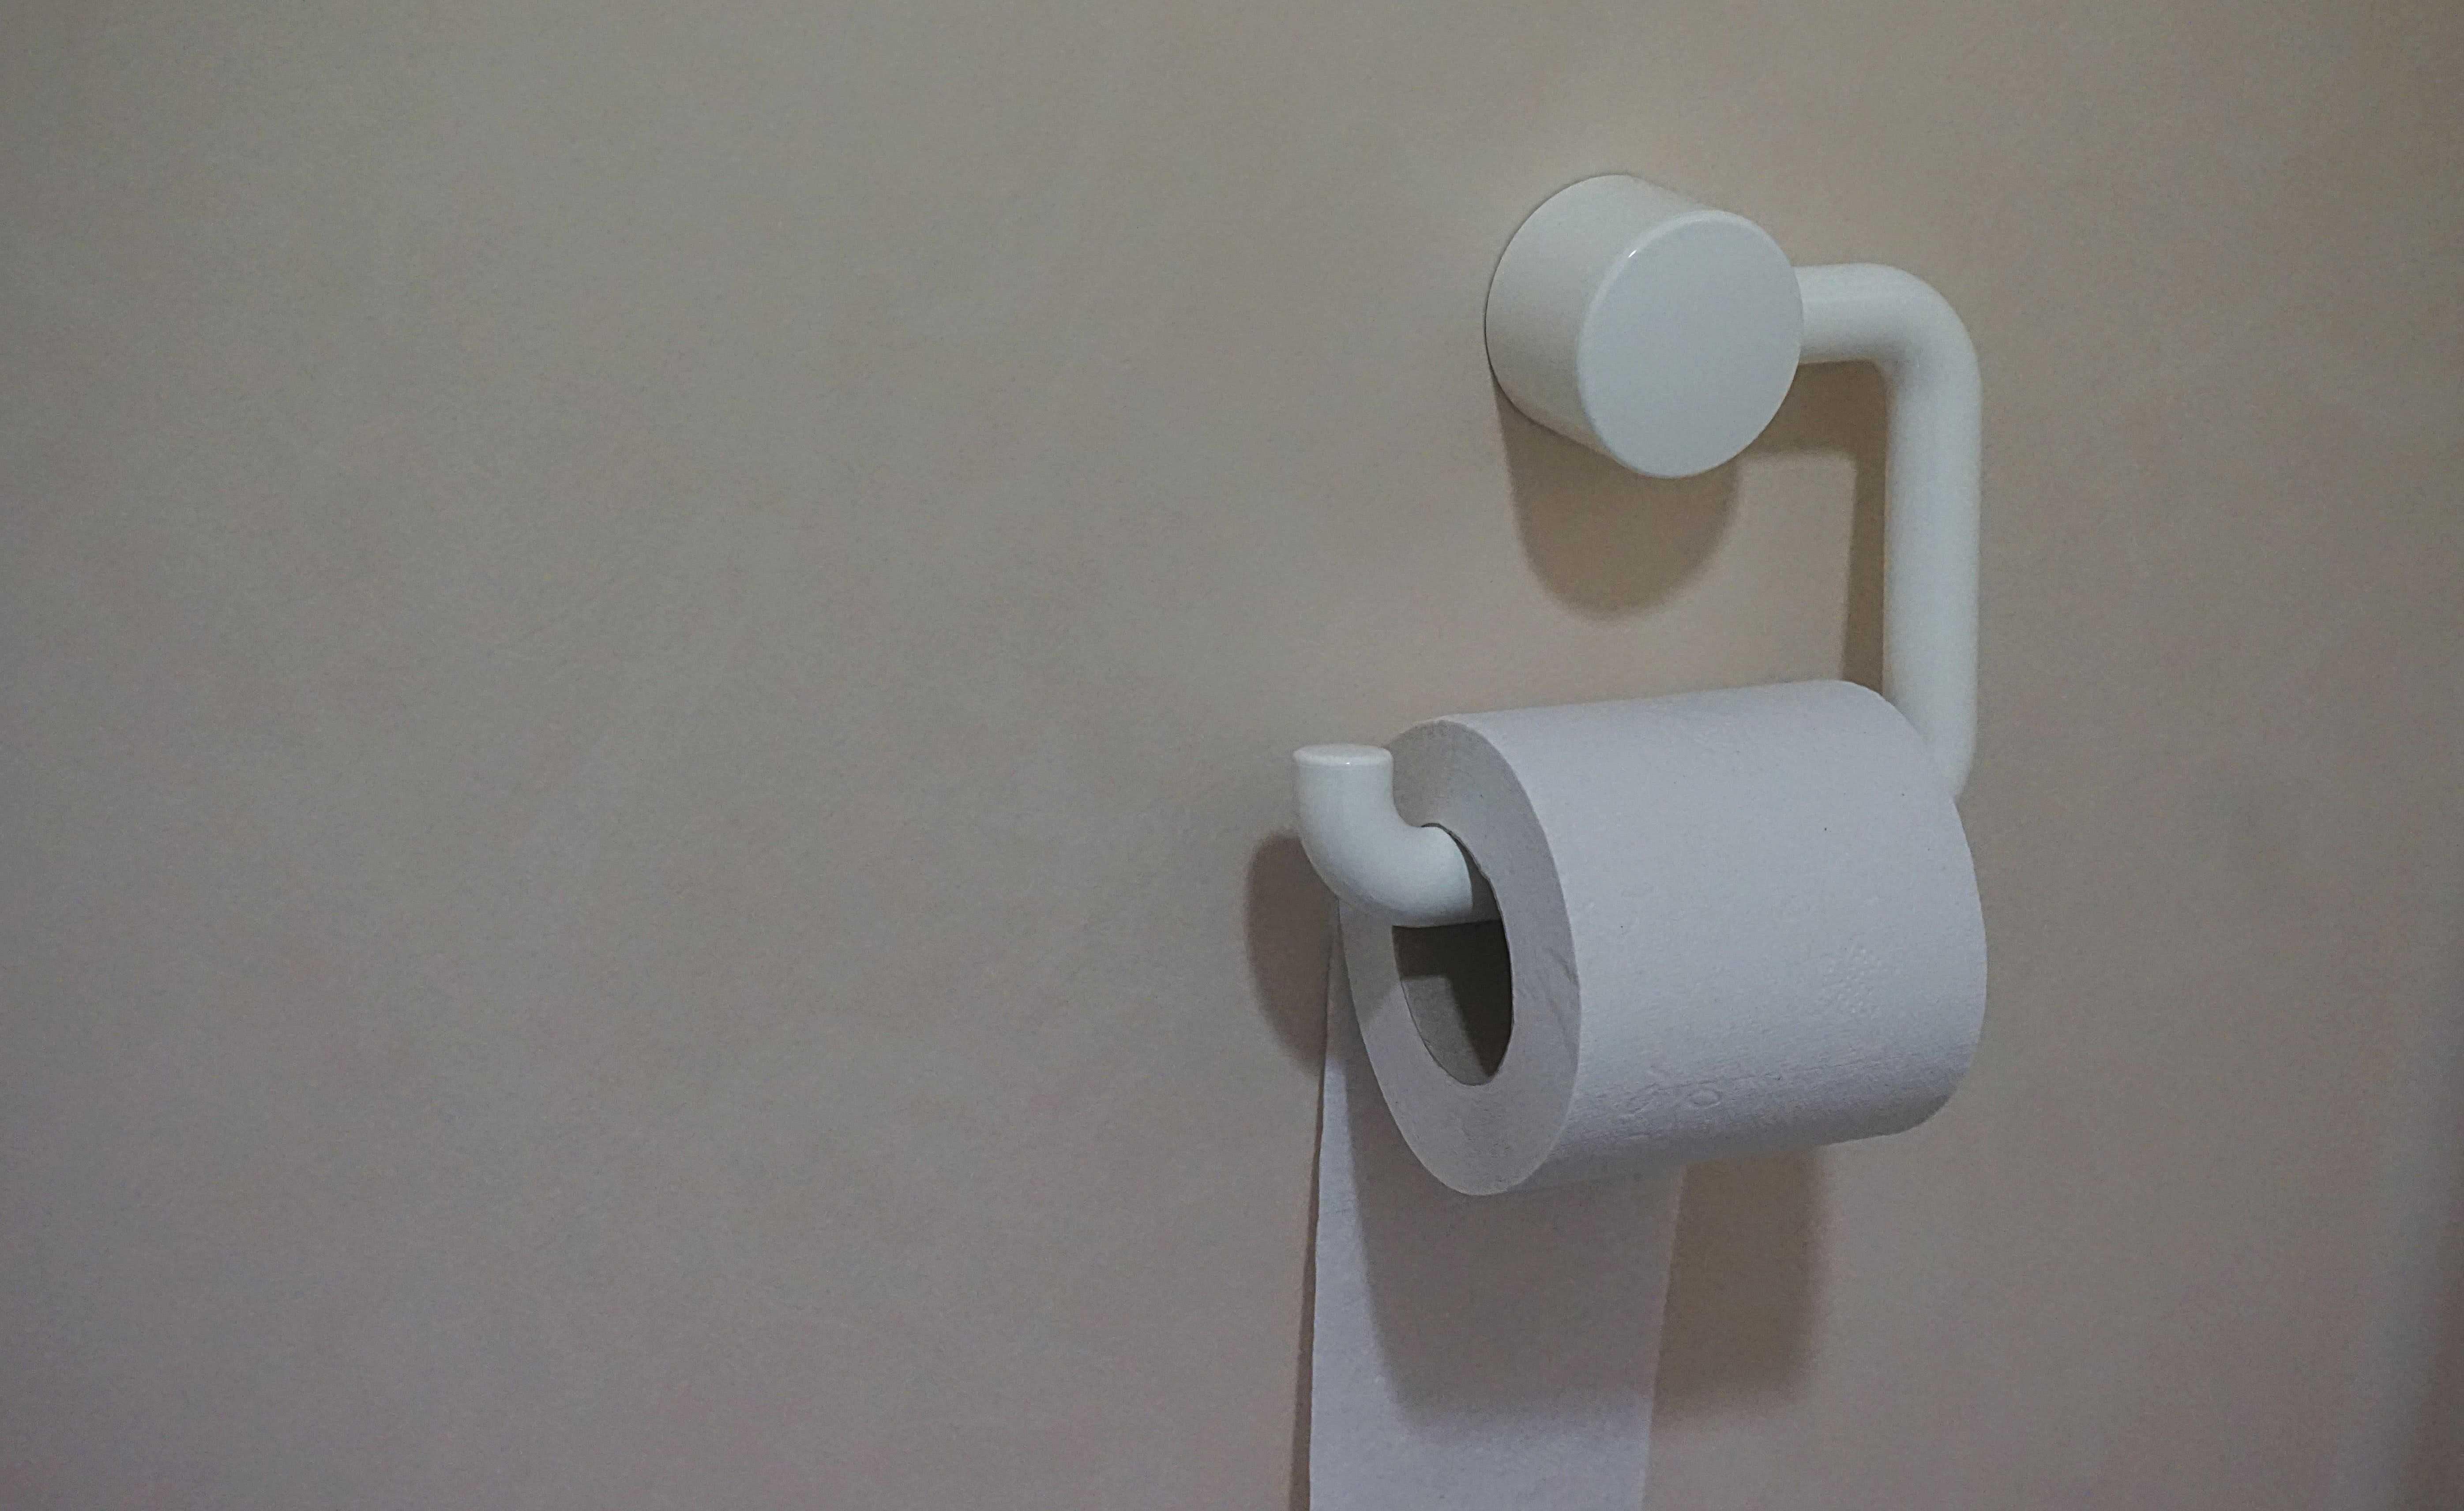 Průjmy v Tunisku - základem bude toaleťák